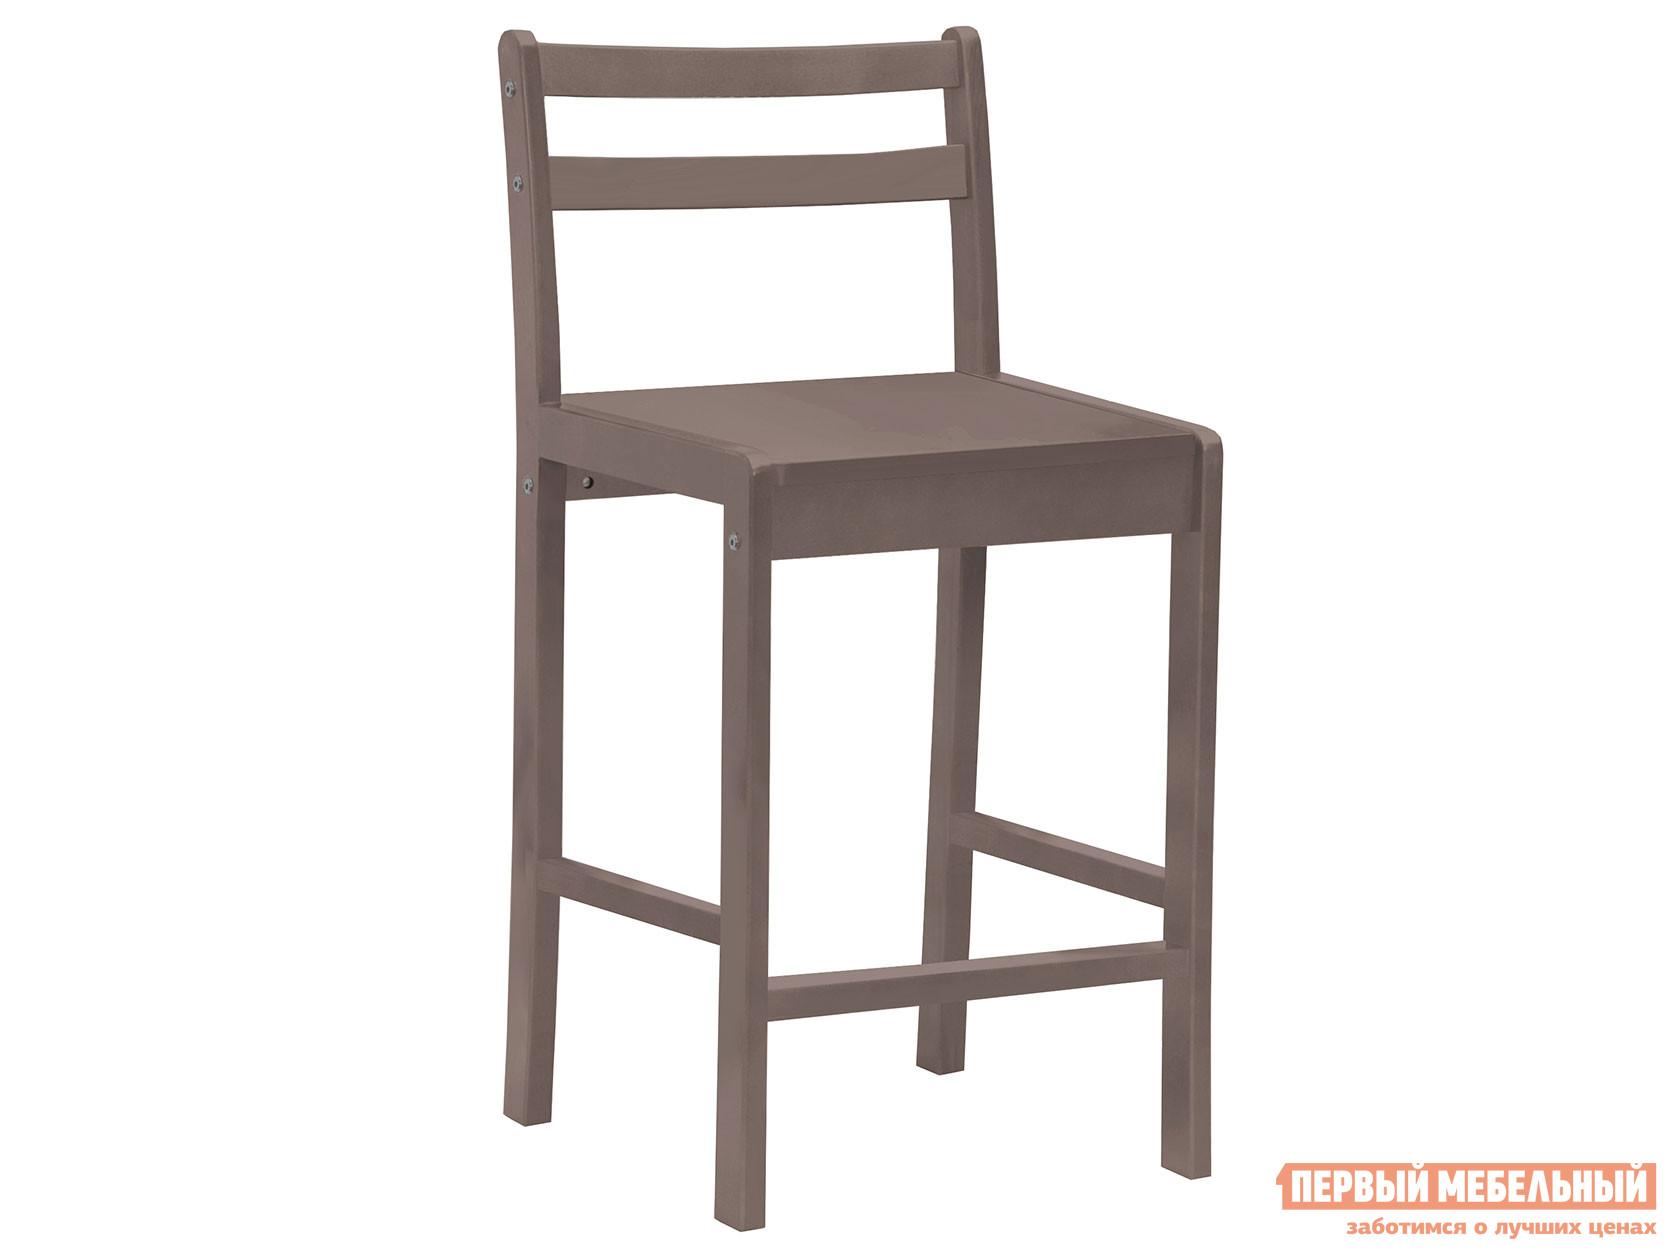 Барный стул  Стул Барный Капучино — Стул Барный Капучино